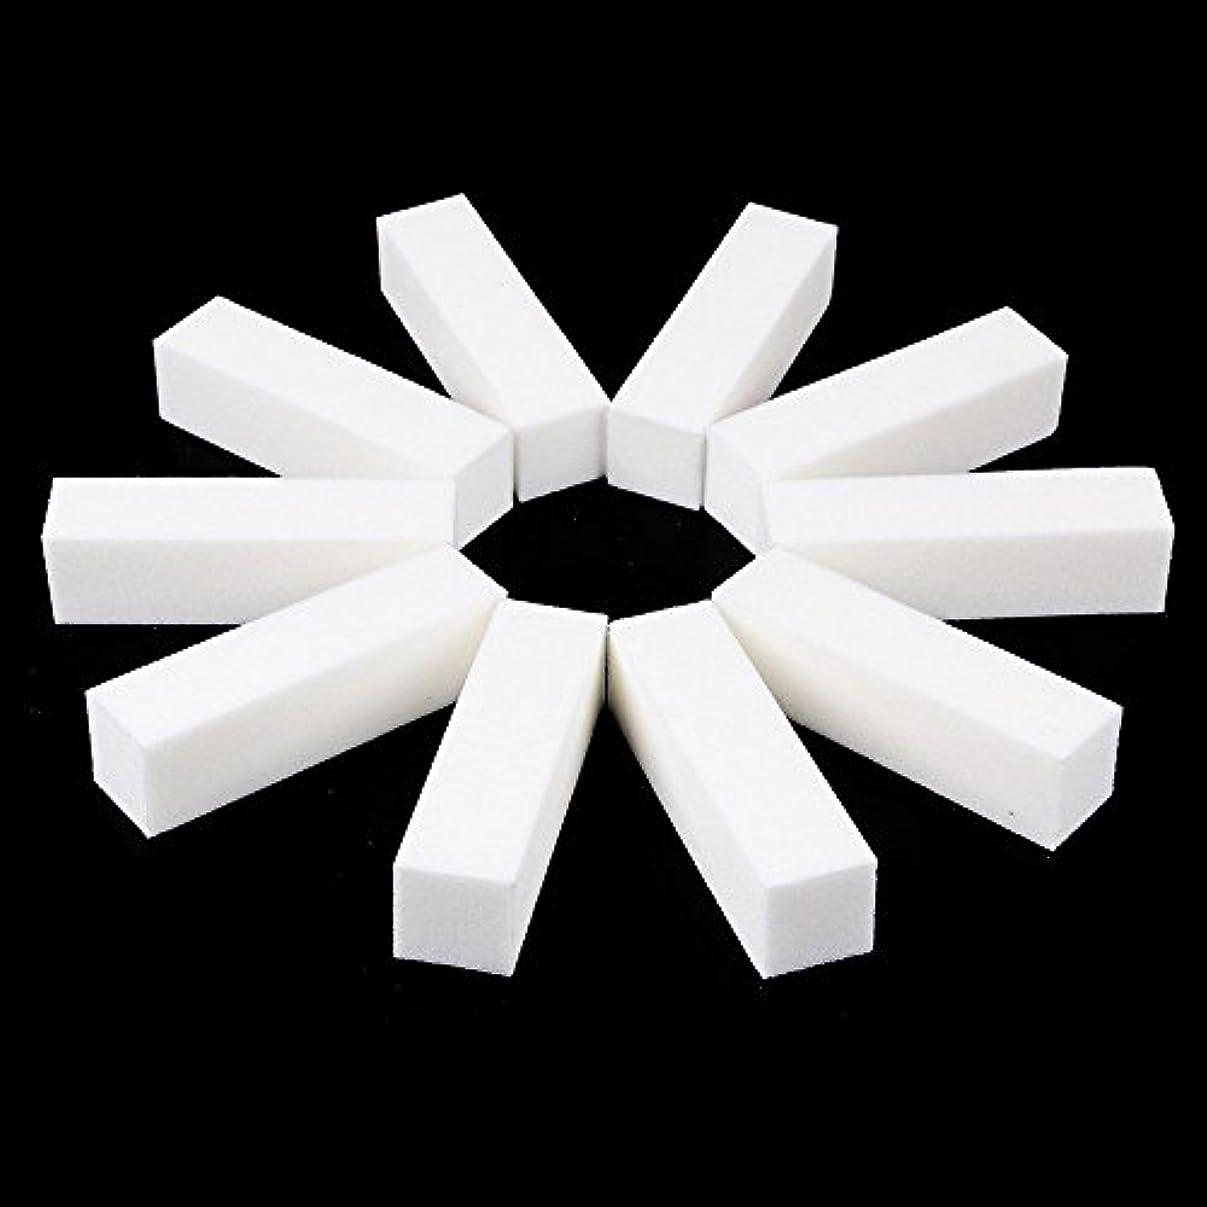 傾向君主制うぬぼれネイルファイル サンディングブロック マニキュアツール バッファ ホワイト 4ウェイ 12個セット